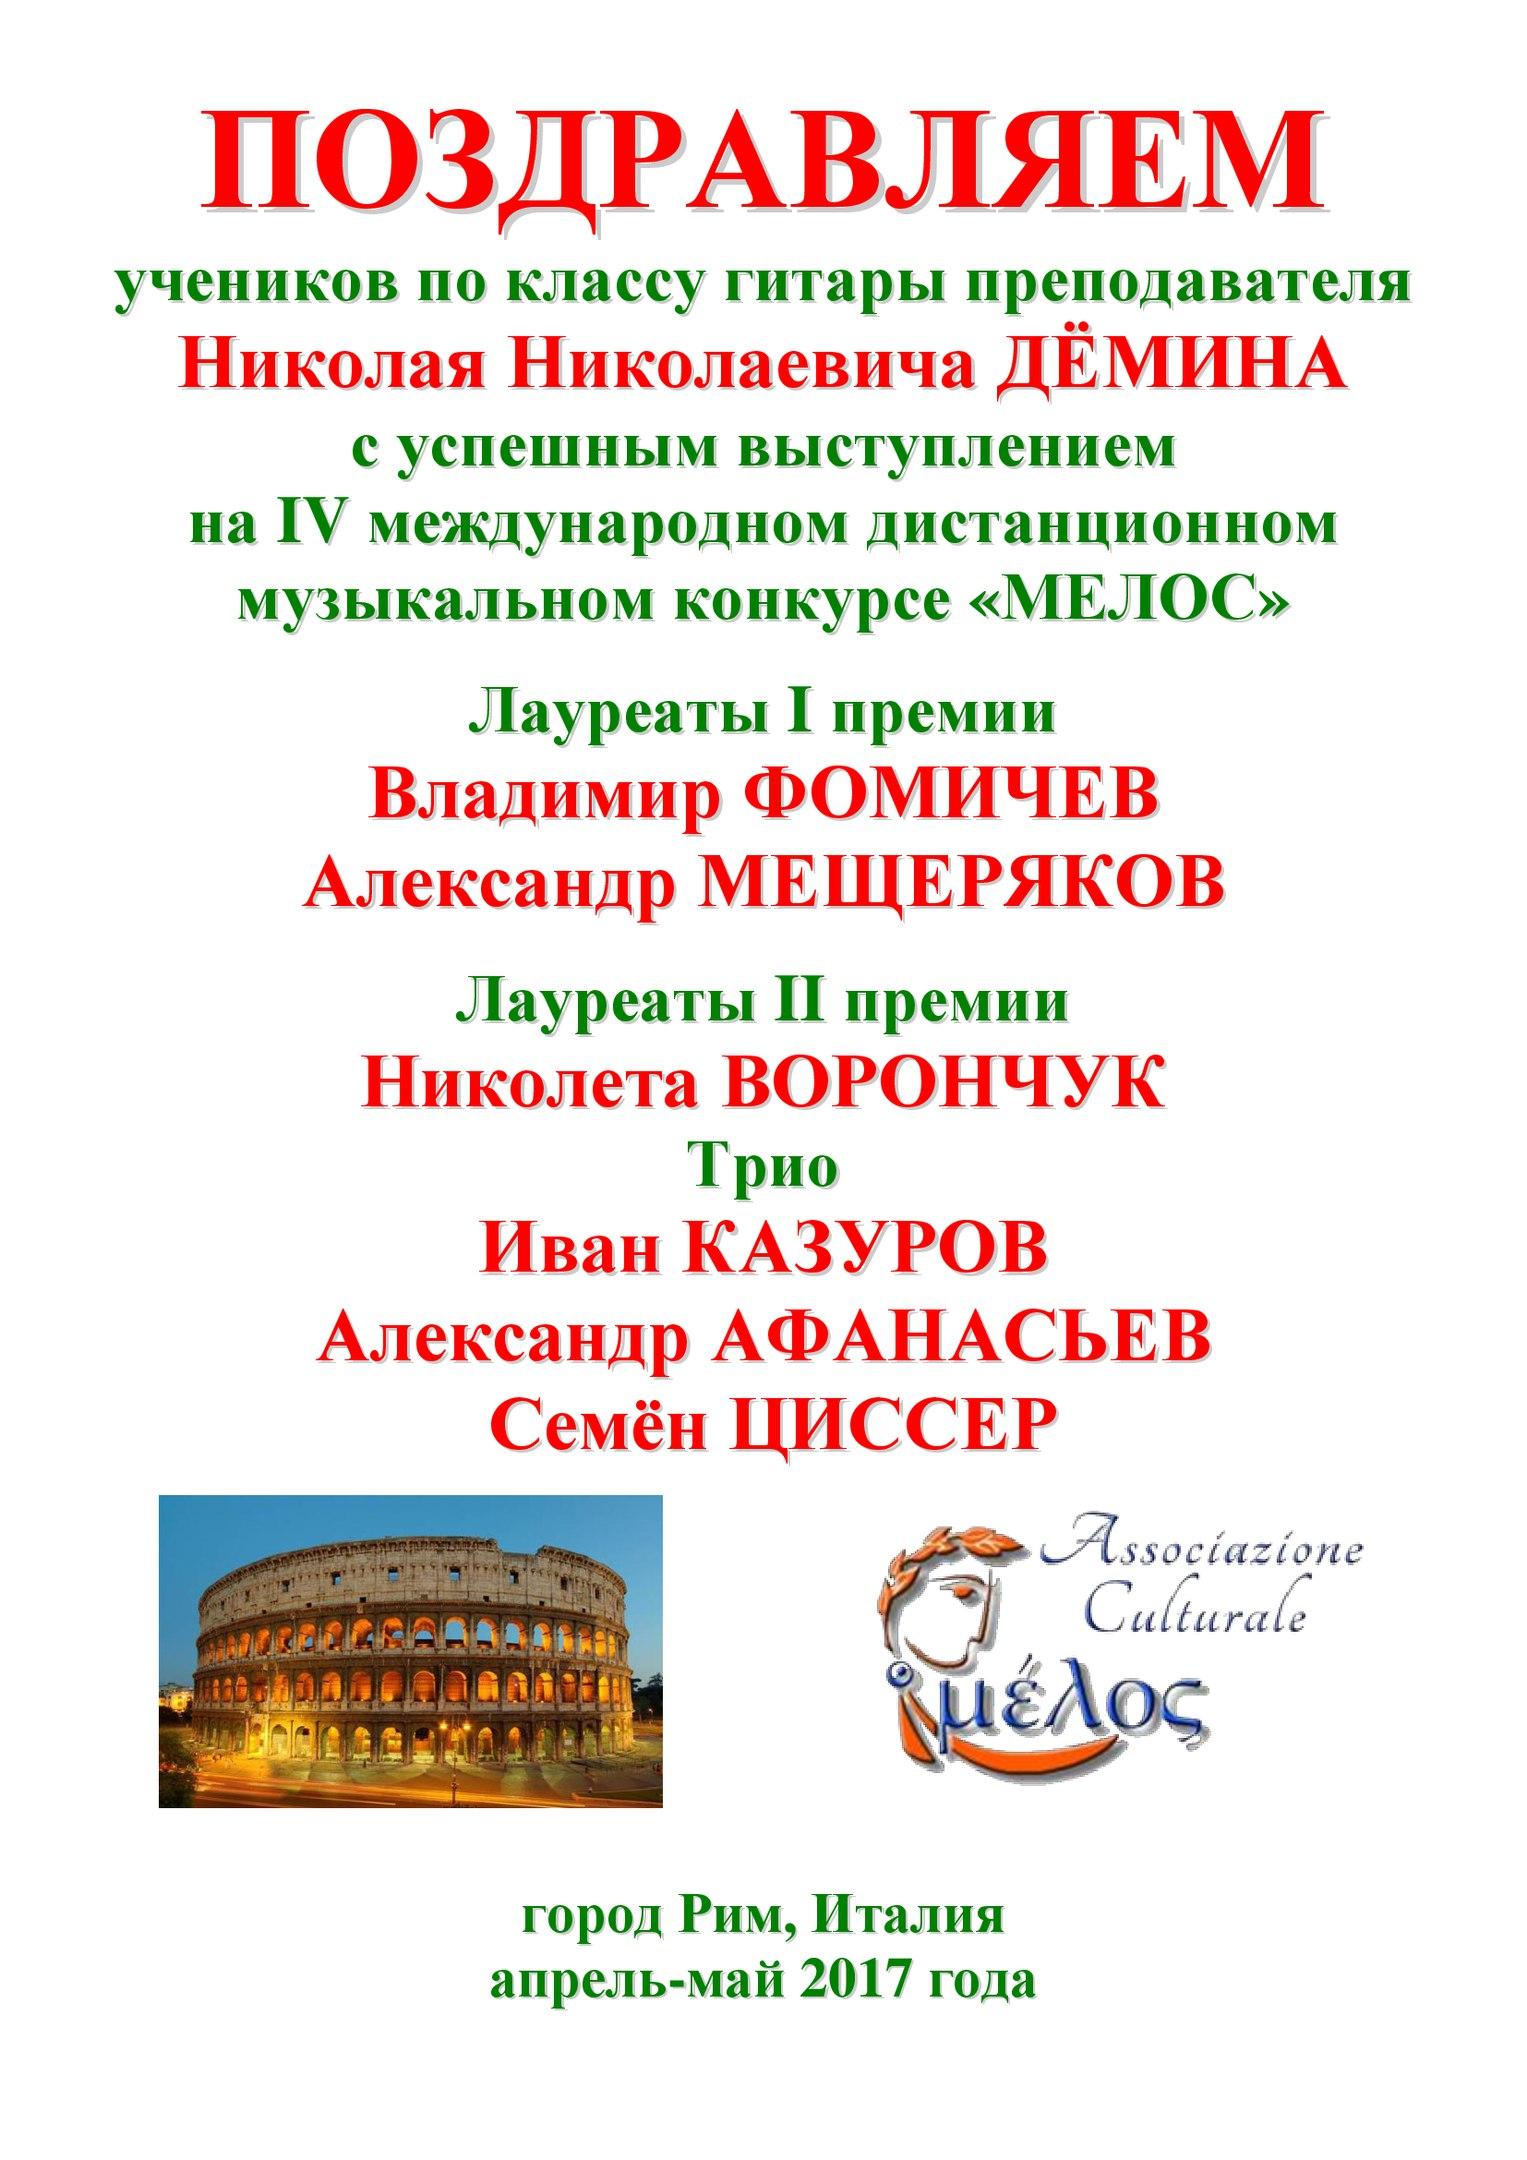 https://pp.userapi.com/c837130/v837130397/45742/BRVO83OLK8M.jpg